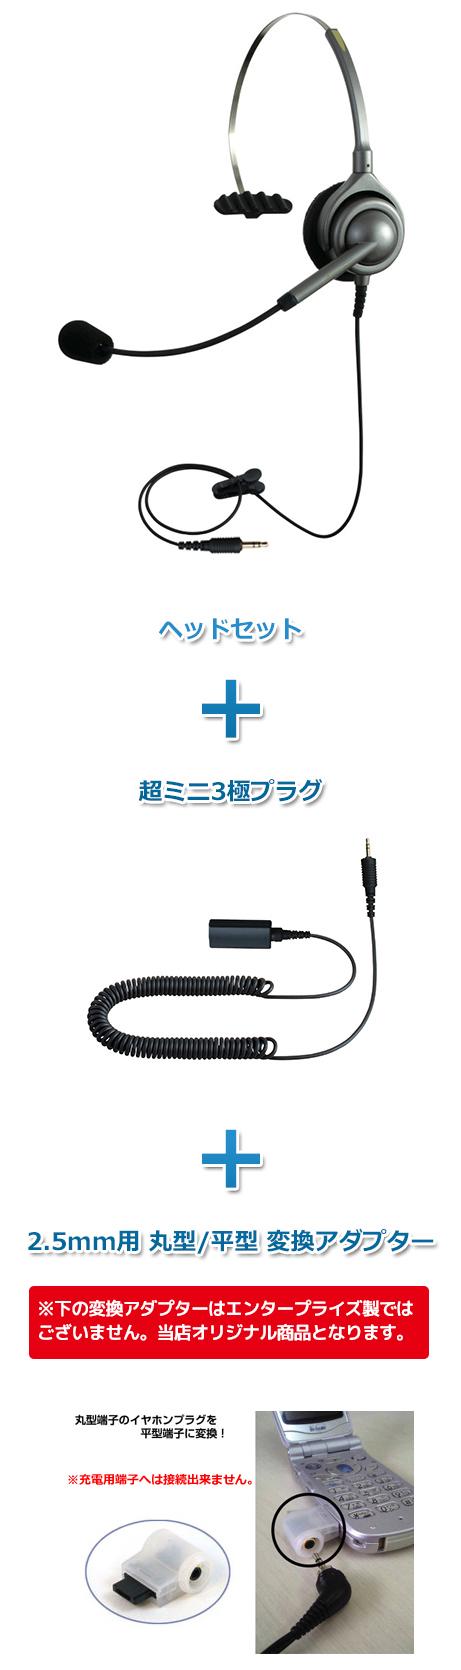 【送料無料】エンタープライズ製(日本製) ヘッドセット(携帯電話接続 EN-M・M20・VH-0201 超ミニ3極プラグと平型端子変換セット)